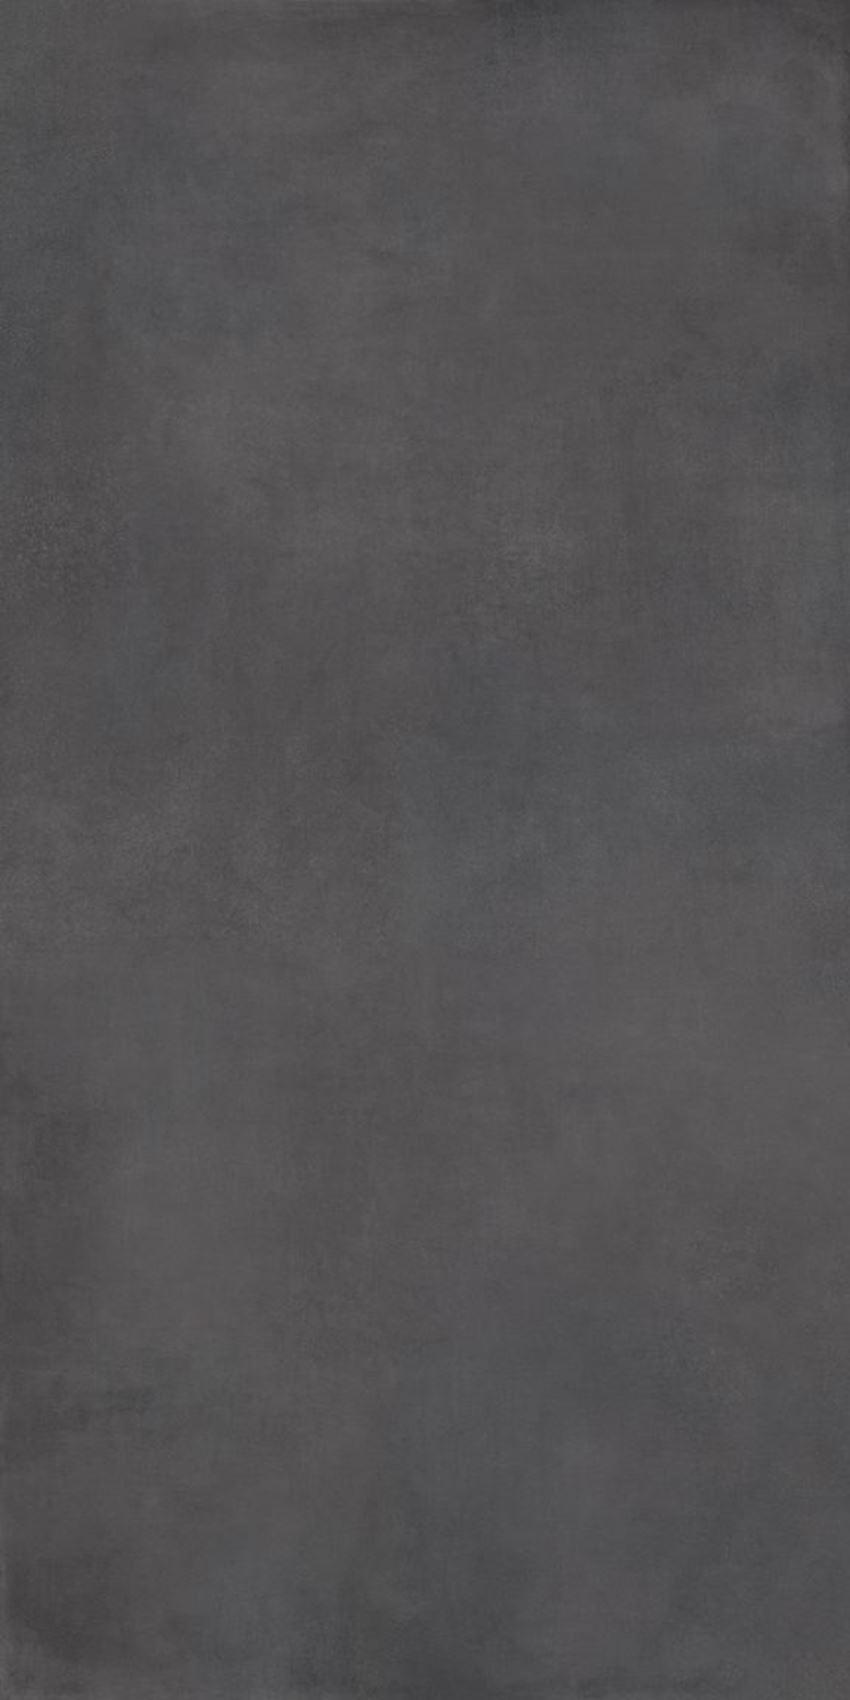 Płytka ścienna, 162x324 cm Cerrad Concrete anthracite polished